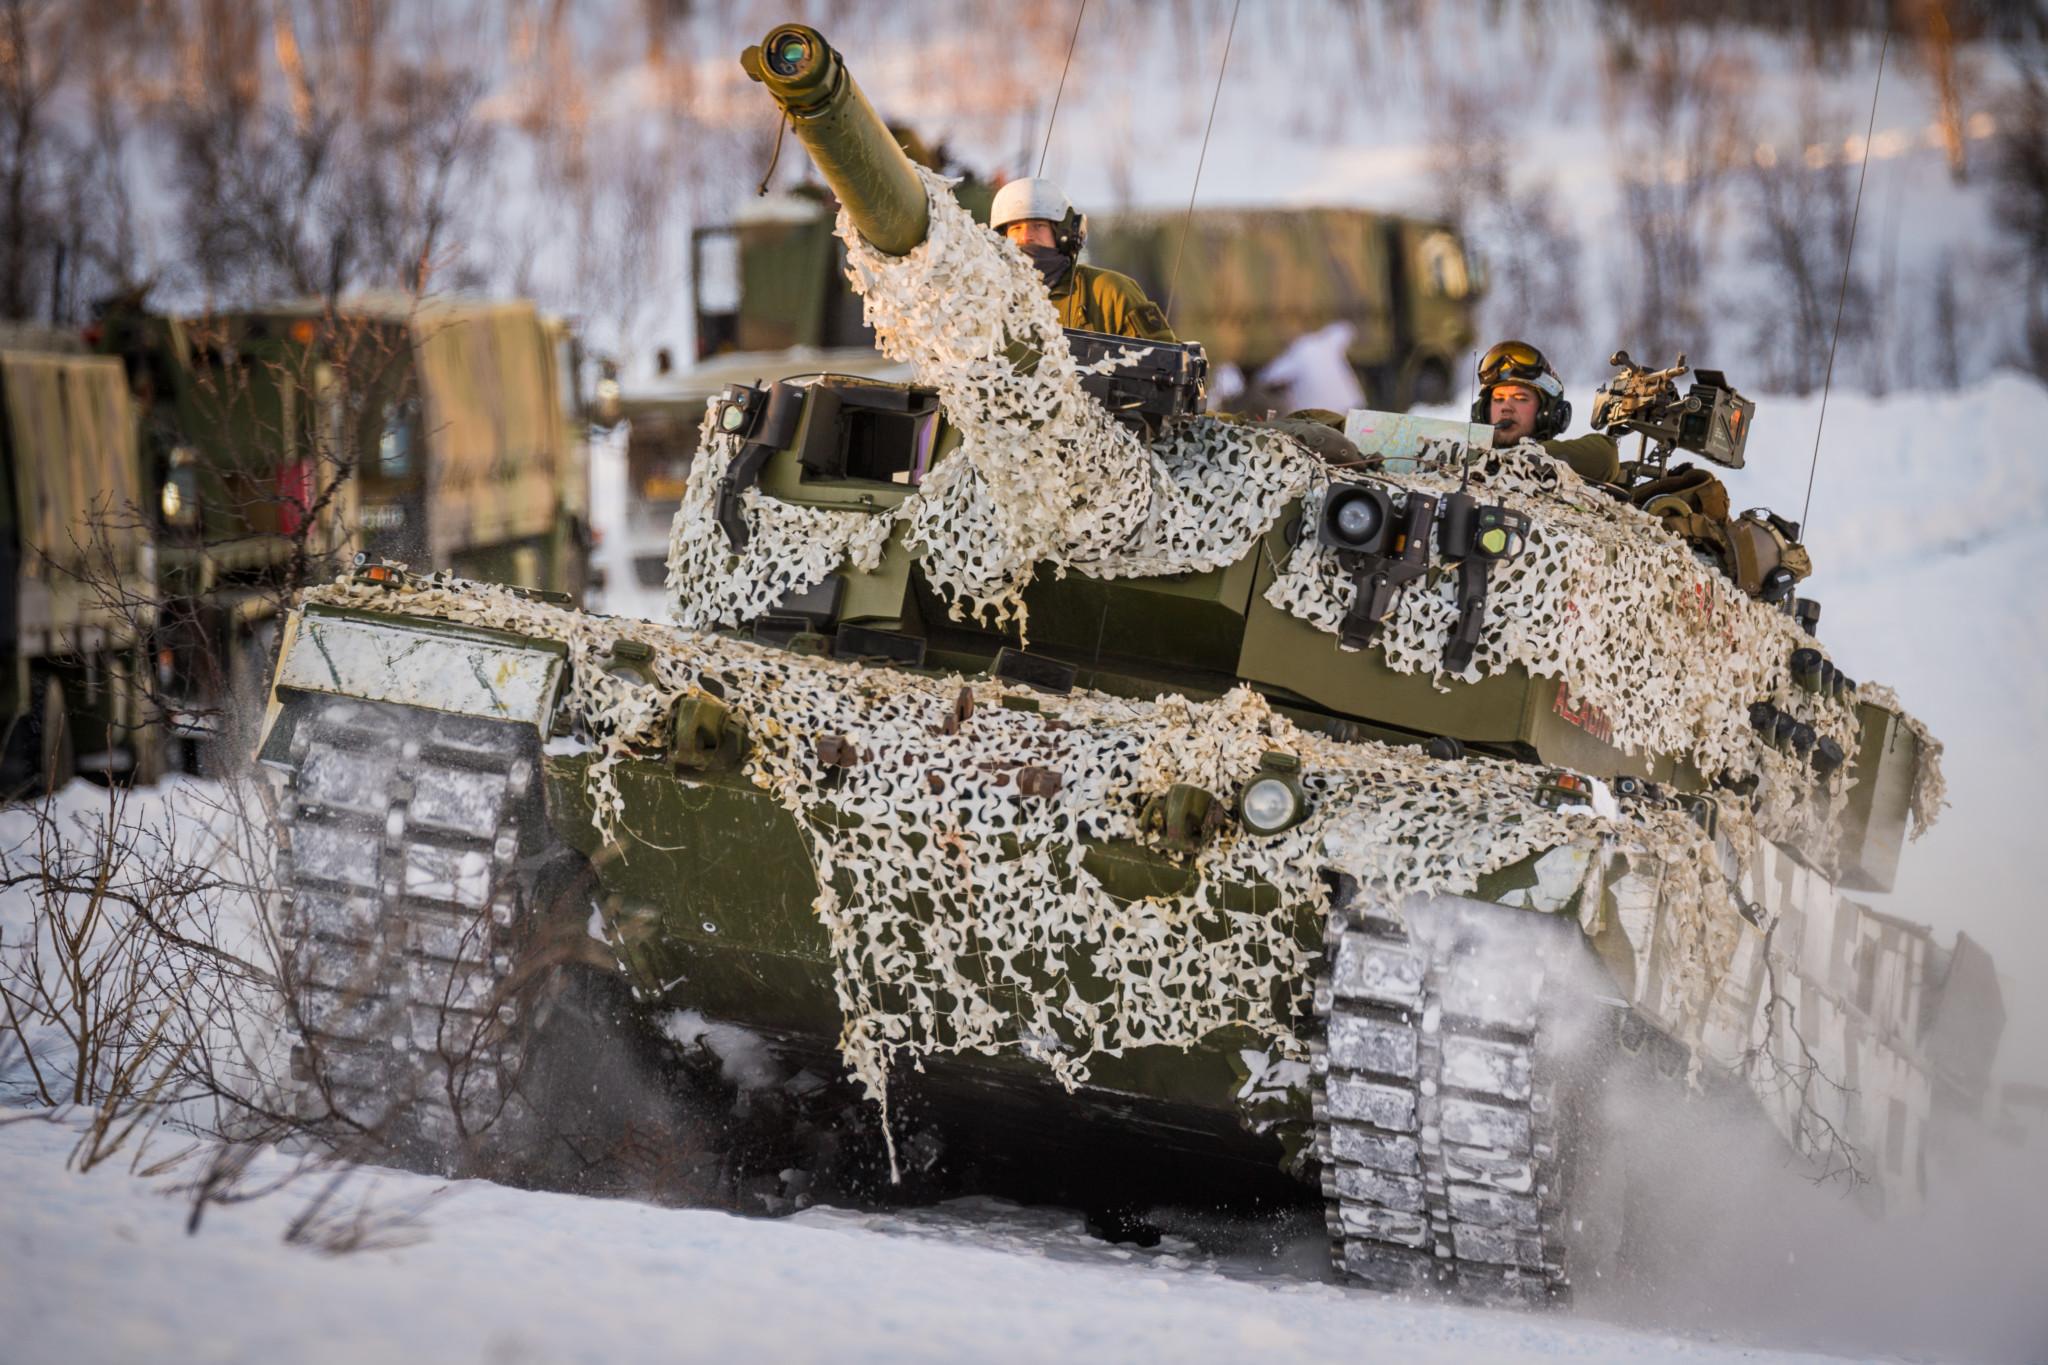 En av Panserbataljonens Leopard 2A4 stridsvogner rykker fremover, under øvelse Rein 1. Dette er Hærens hovedkampsystem. // The Norwegian Army´s main battle system, the Leopard 2A4 MBT.